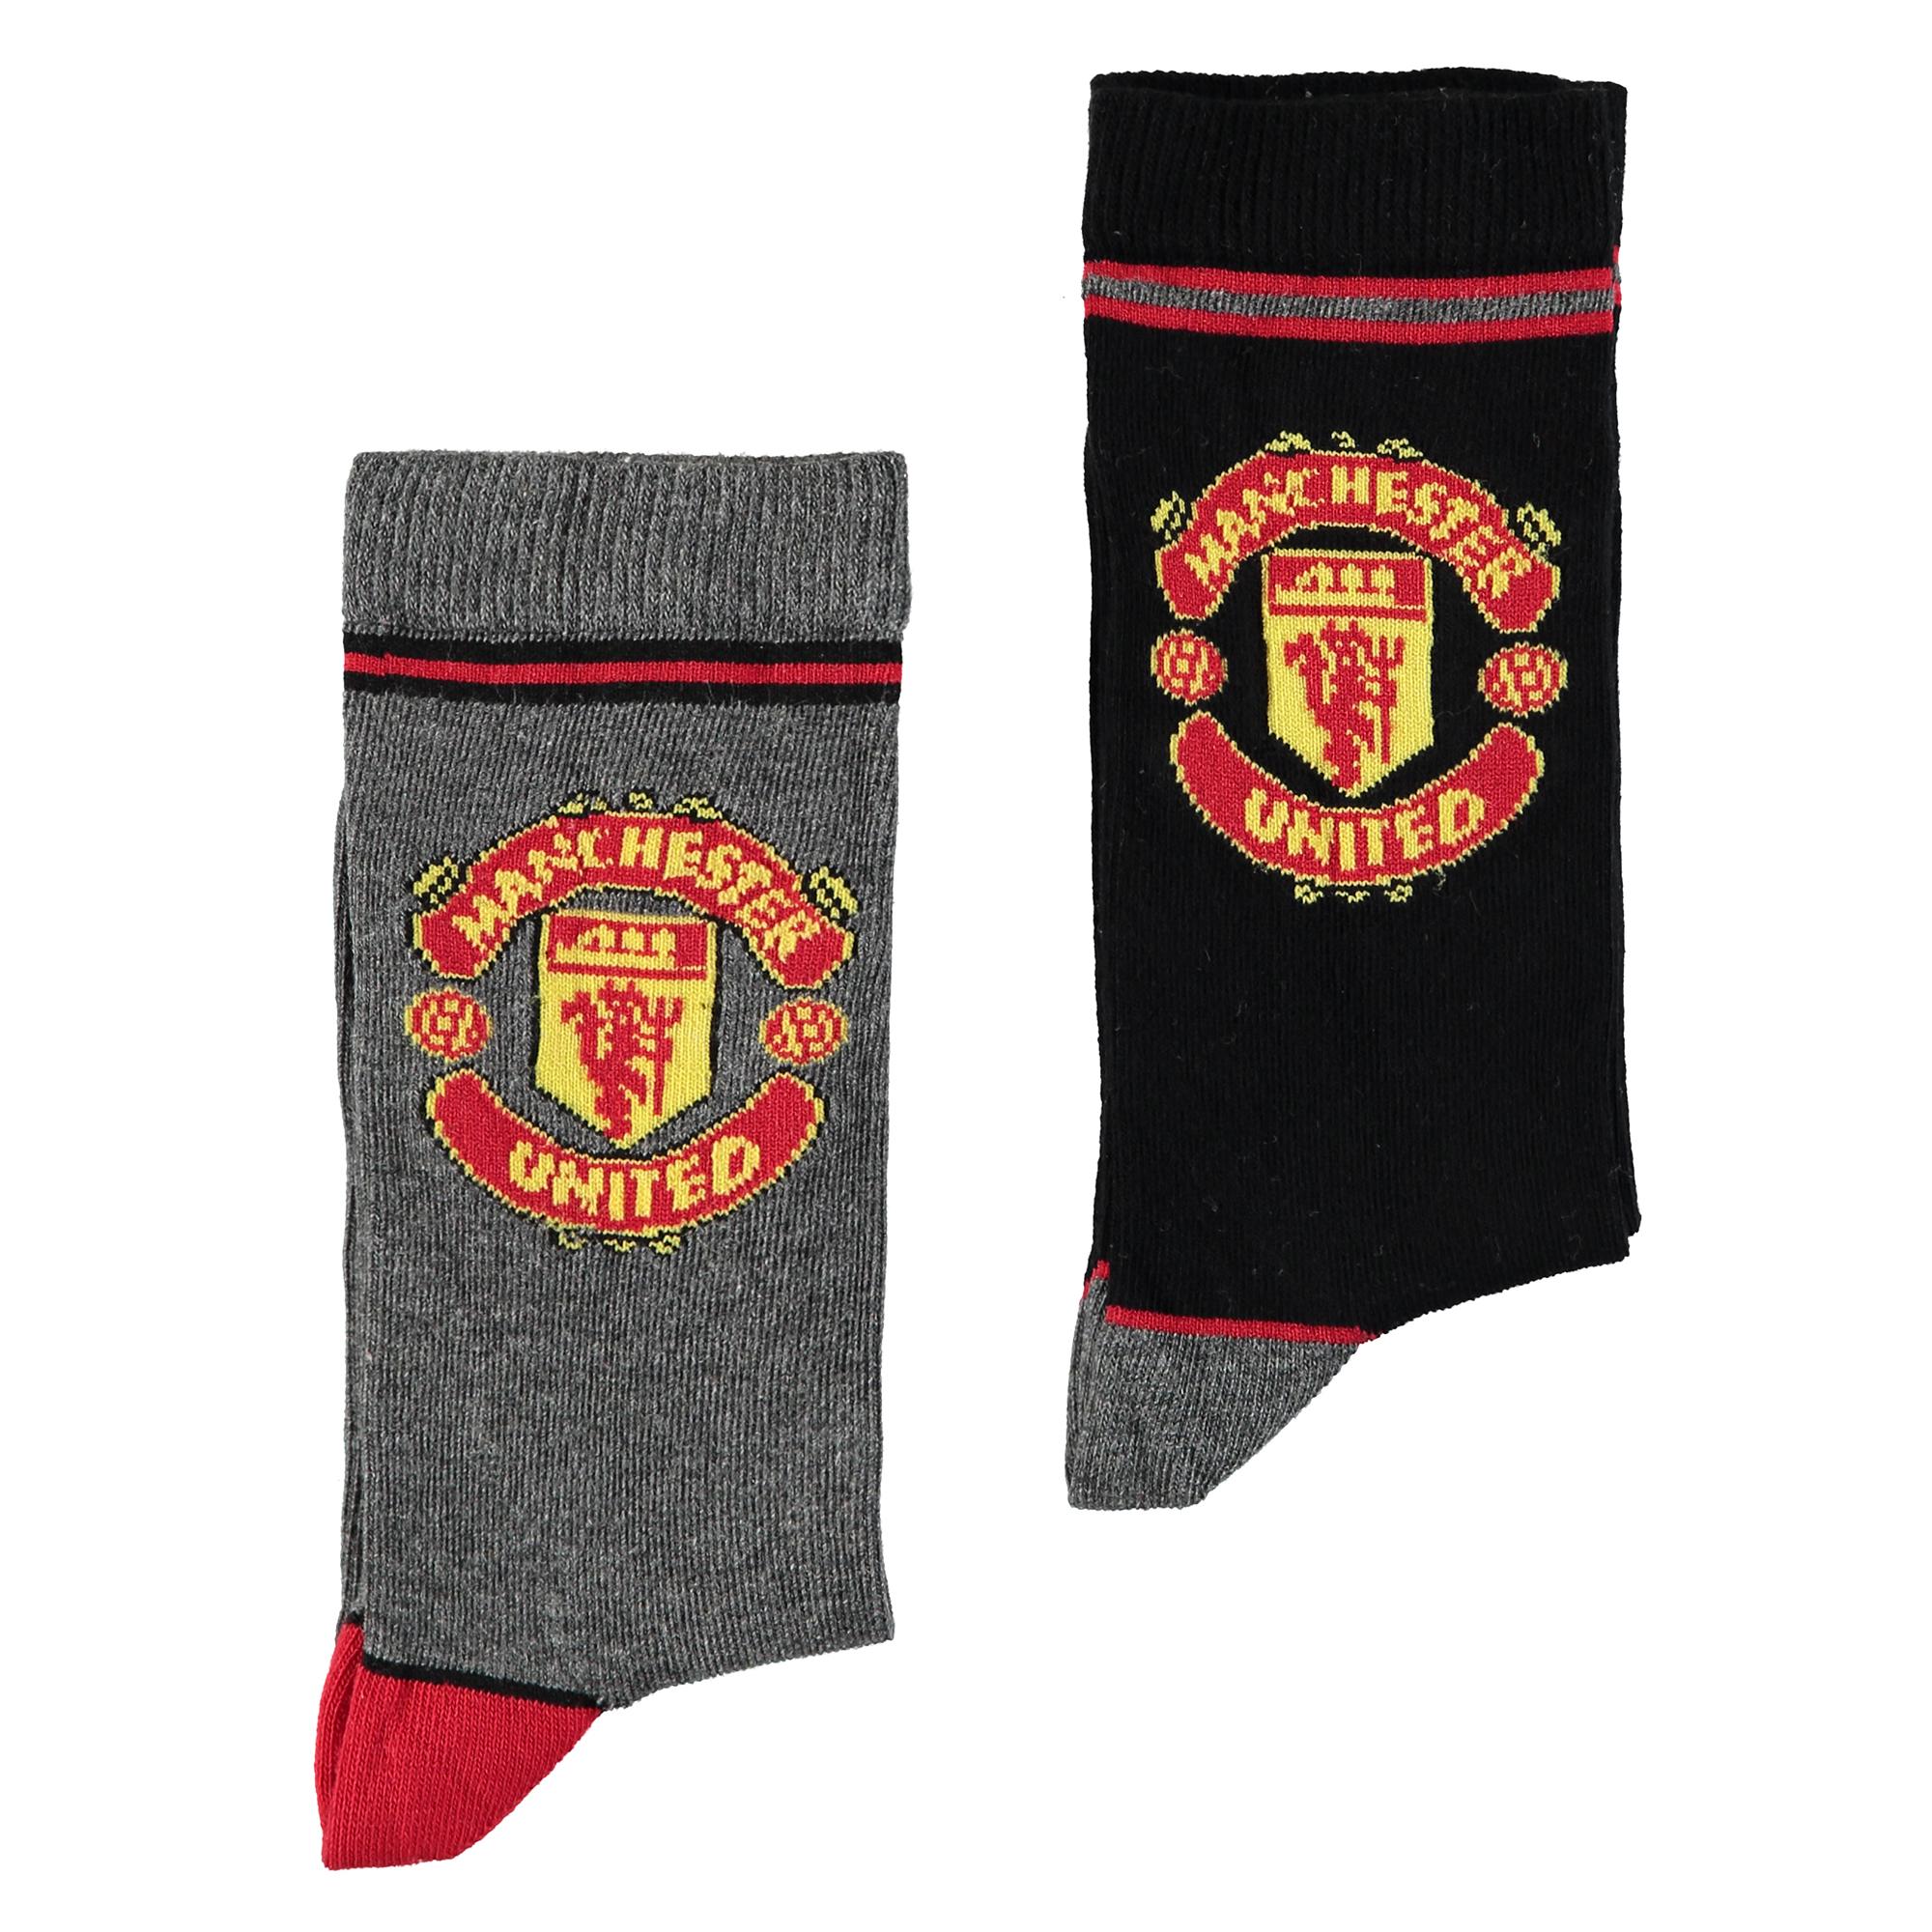 Chaussettes écusson Manchester United - Blanc/Noir - Enfant